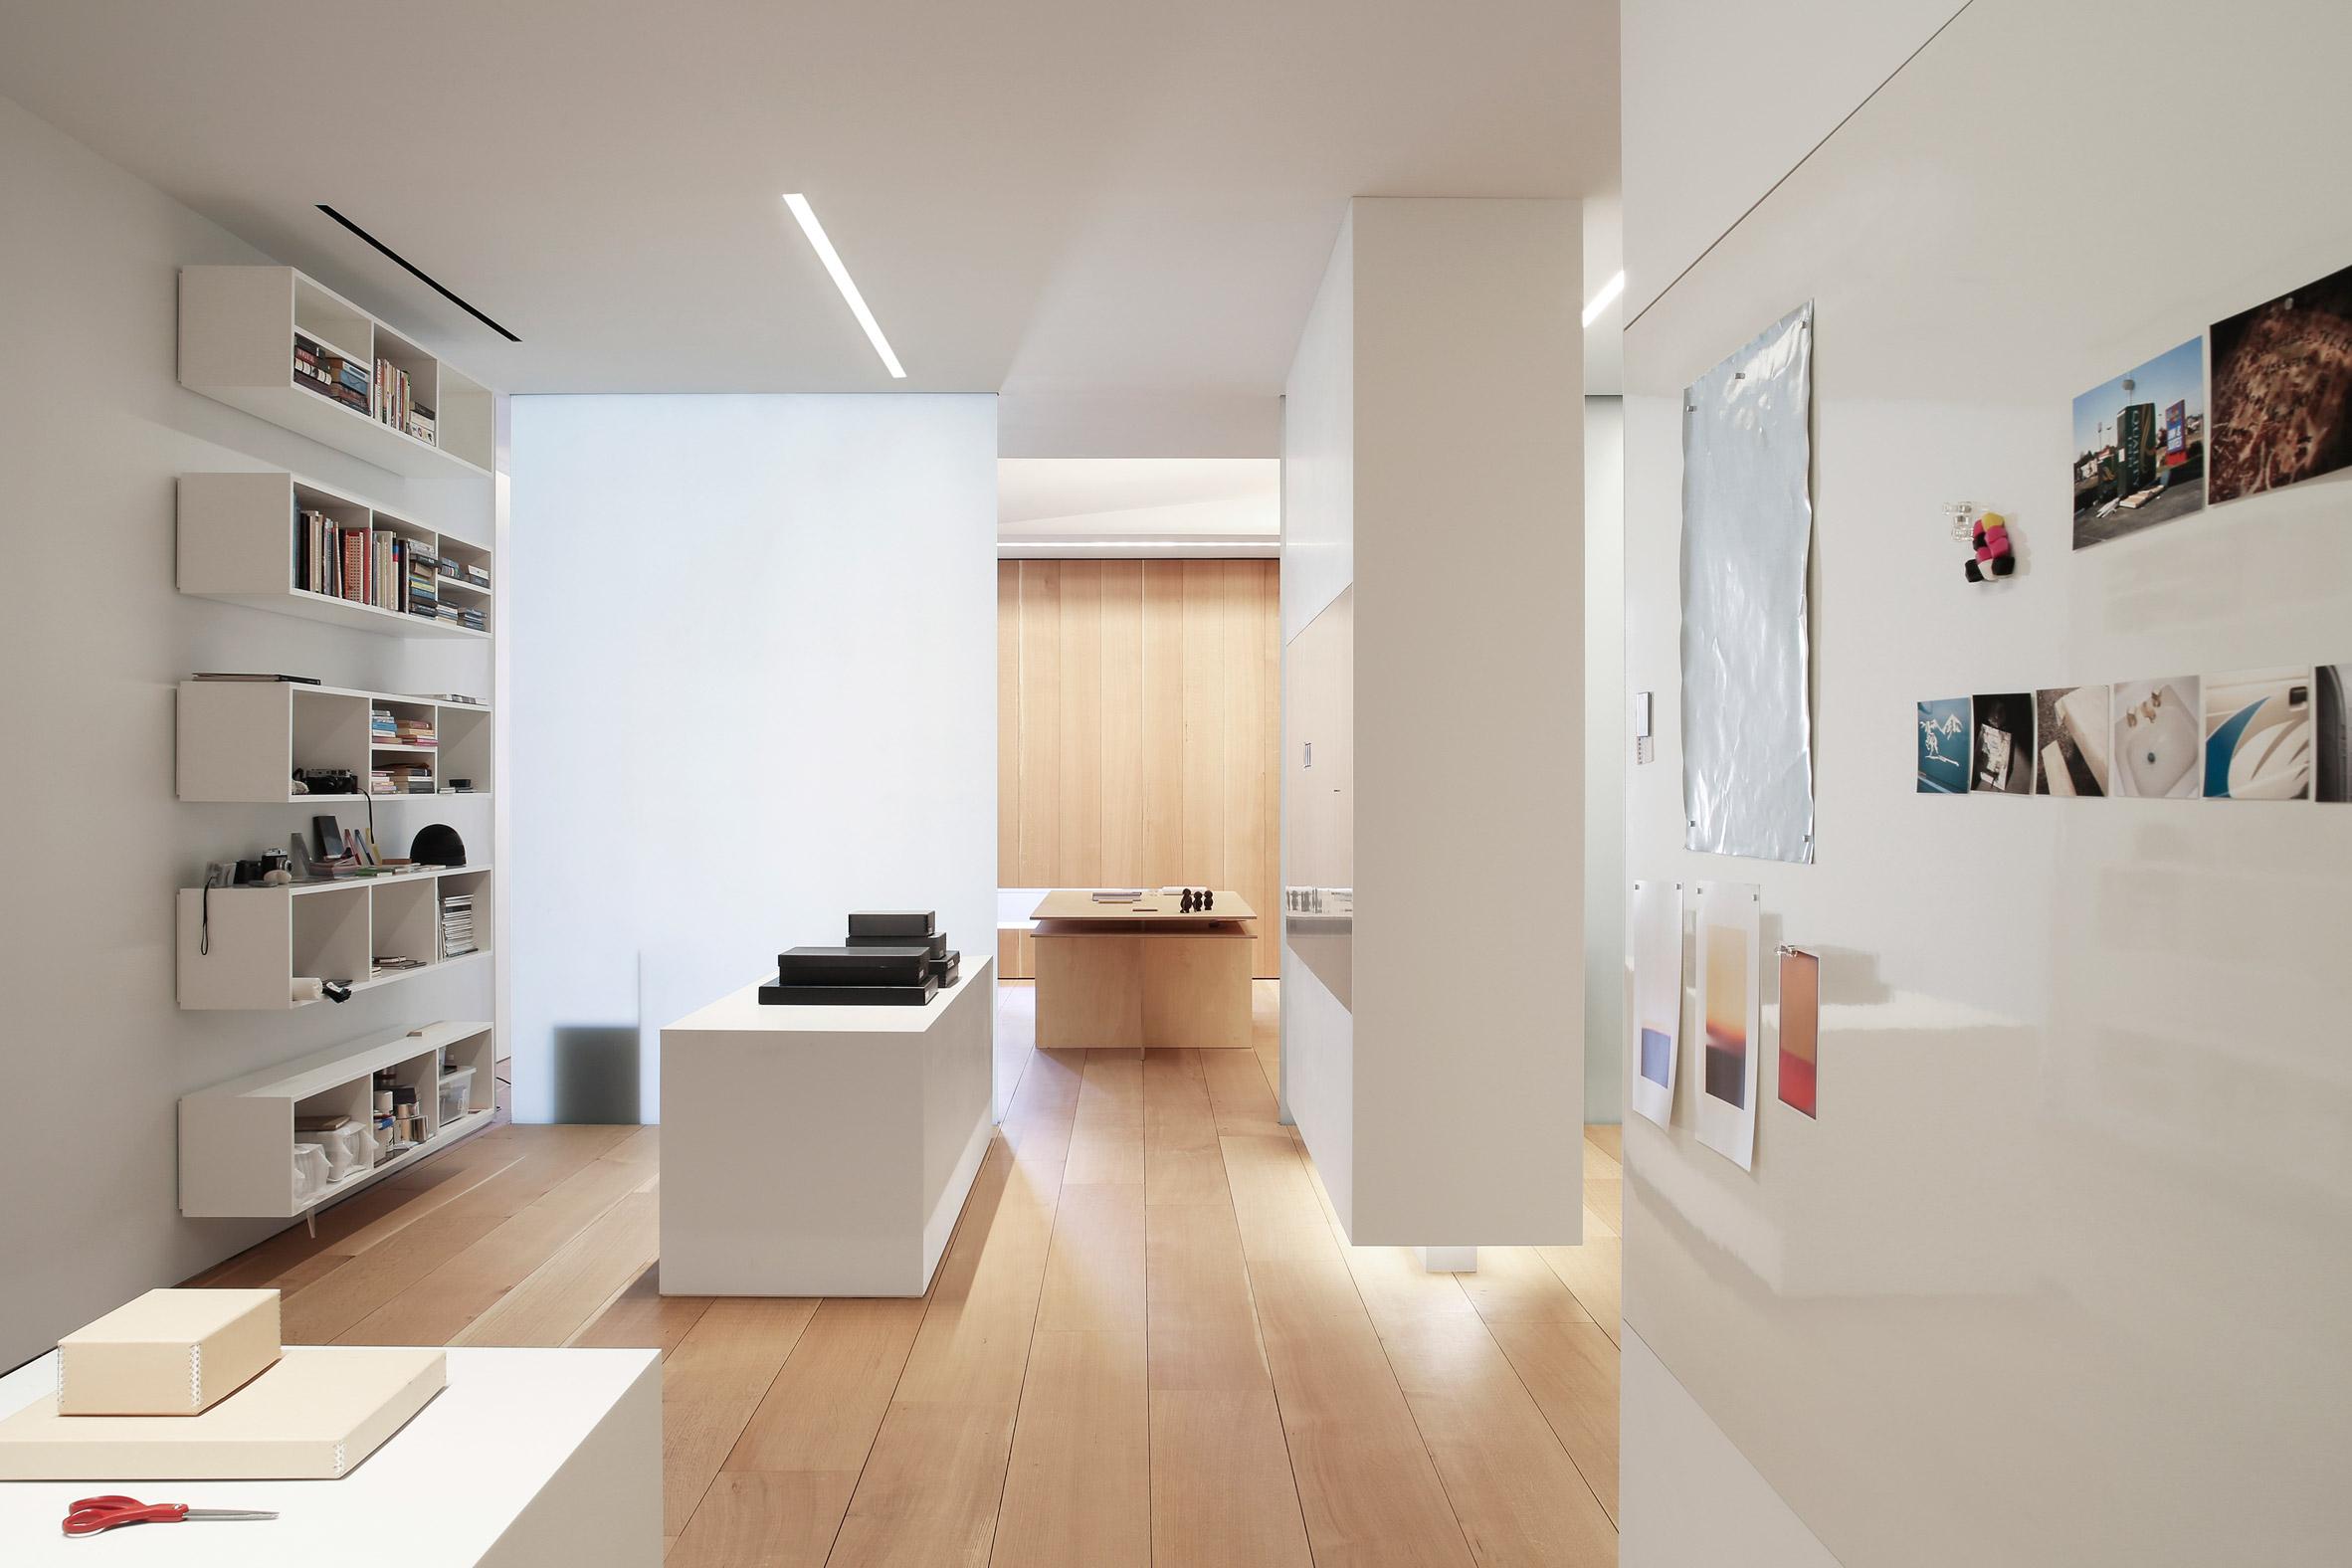 Photographers Loft by Desai Chia Architecture